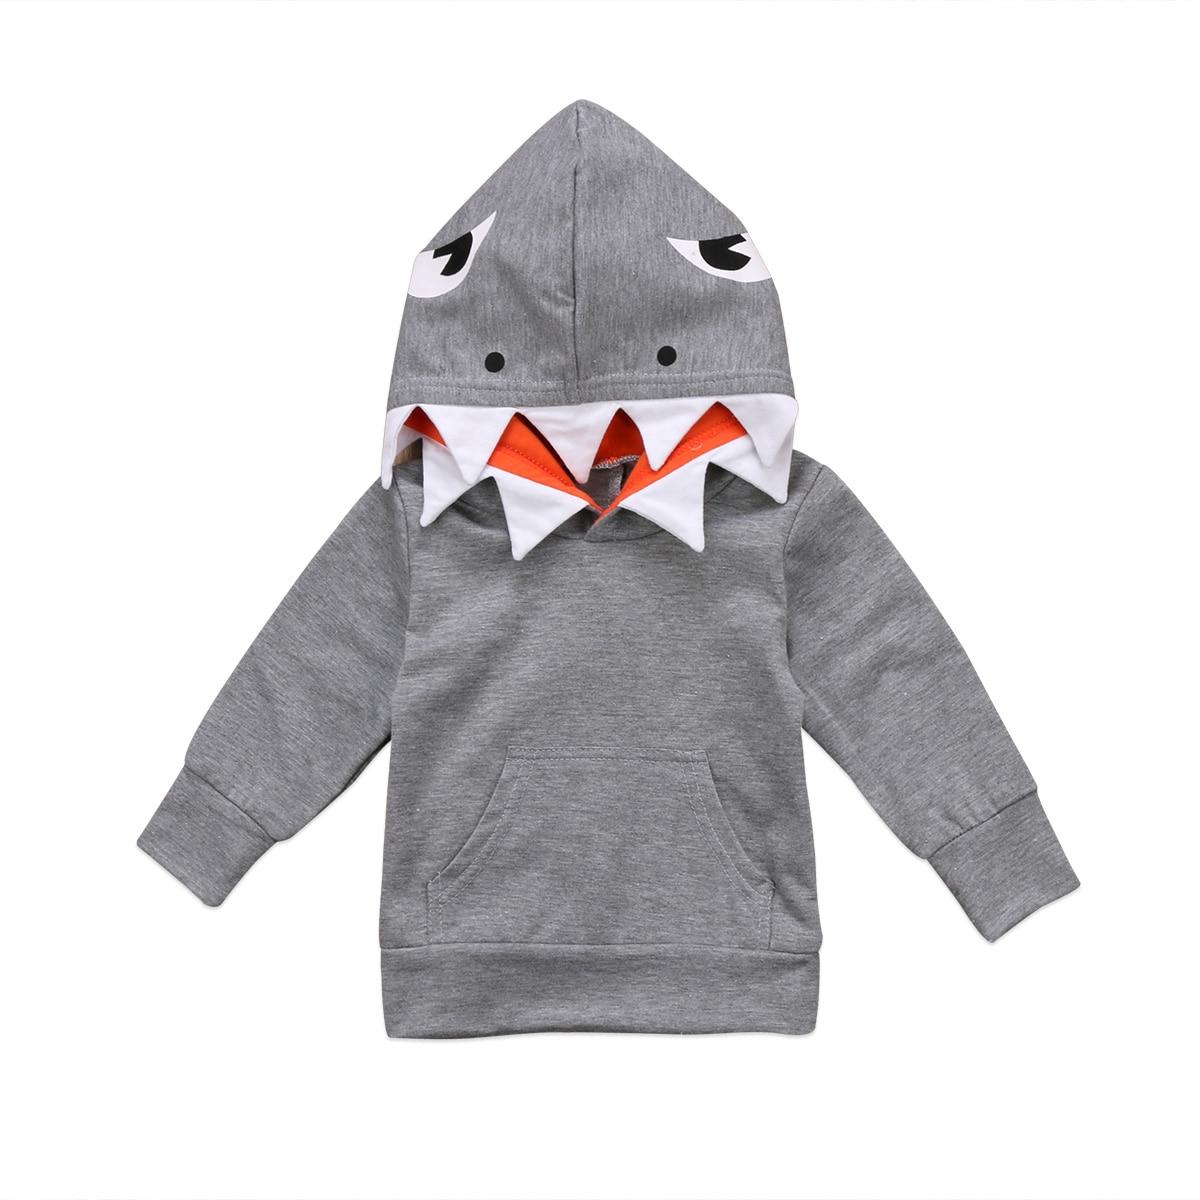 Cute Newborn Toddler Kids Boy Girl Shark Hooded Clothes Autumn Children Long Sleeve Cotton Outwear Hoodies Sweateshirt for 1-6Y